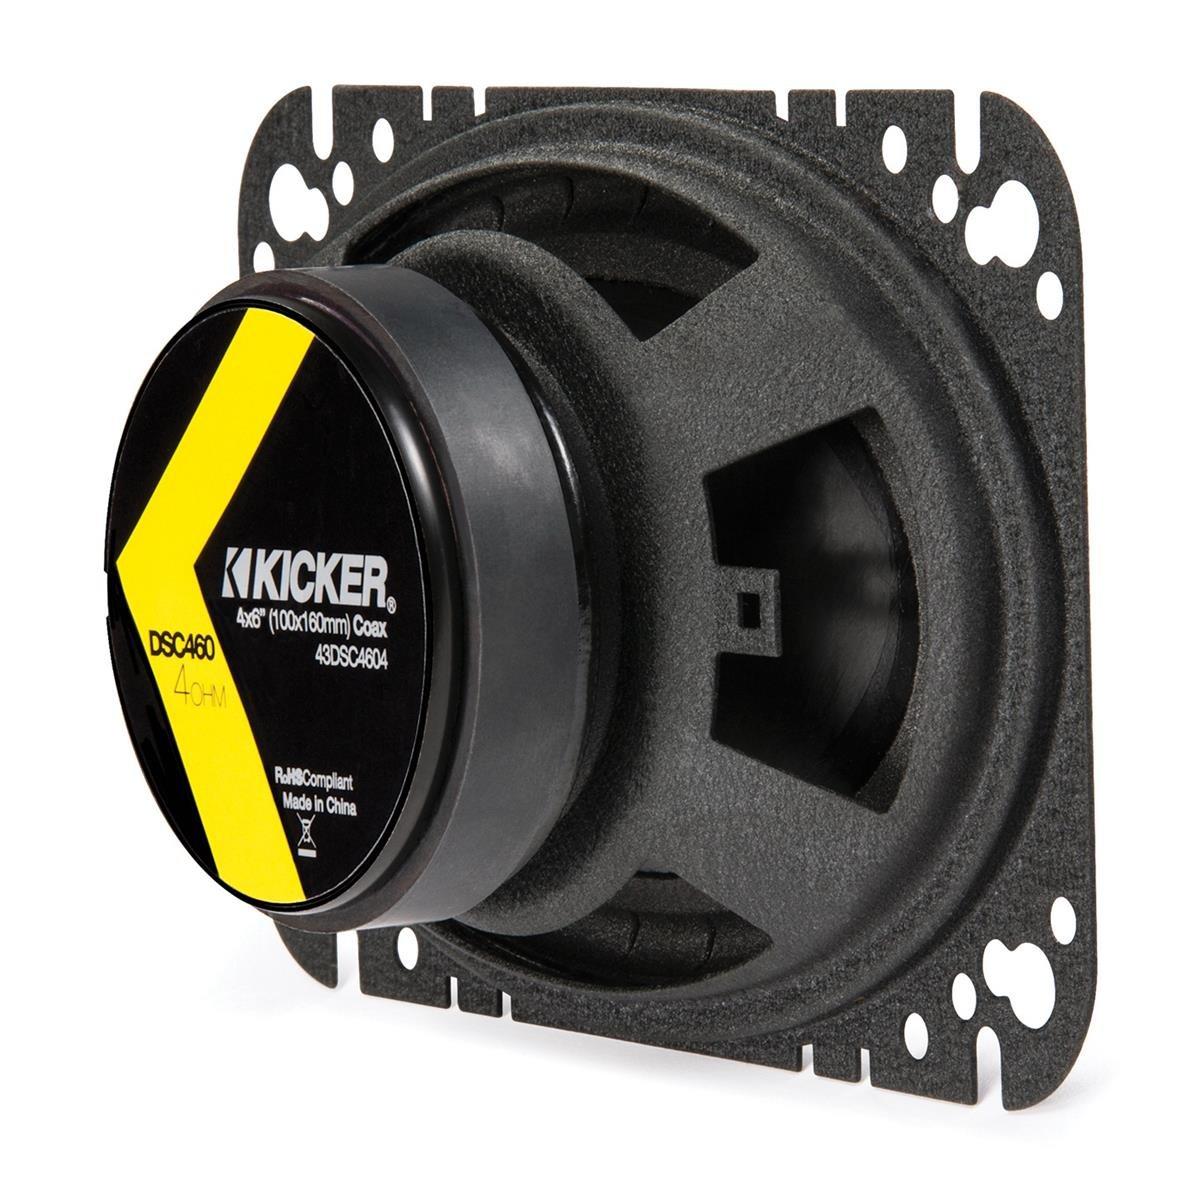 Kicker 43DSC4604 4x6 2-way Speaker Pair by Kicker (Image #7)